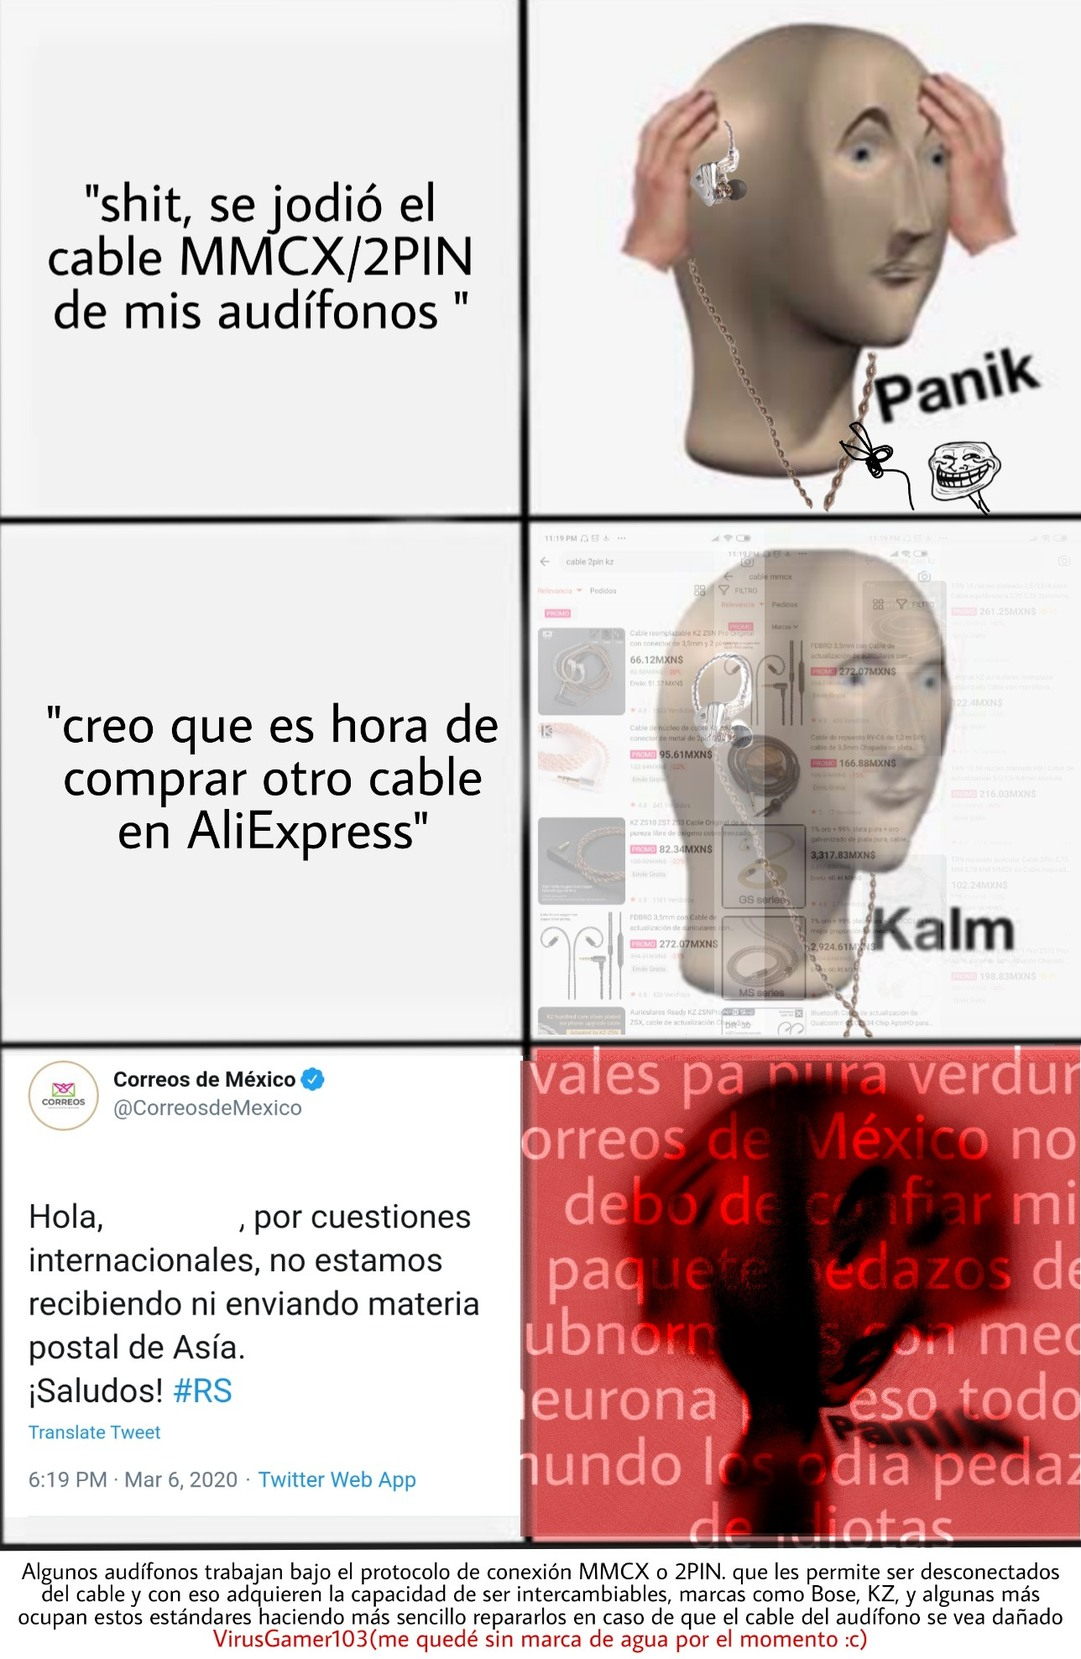 Maldito correos de México - meme